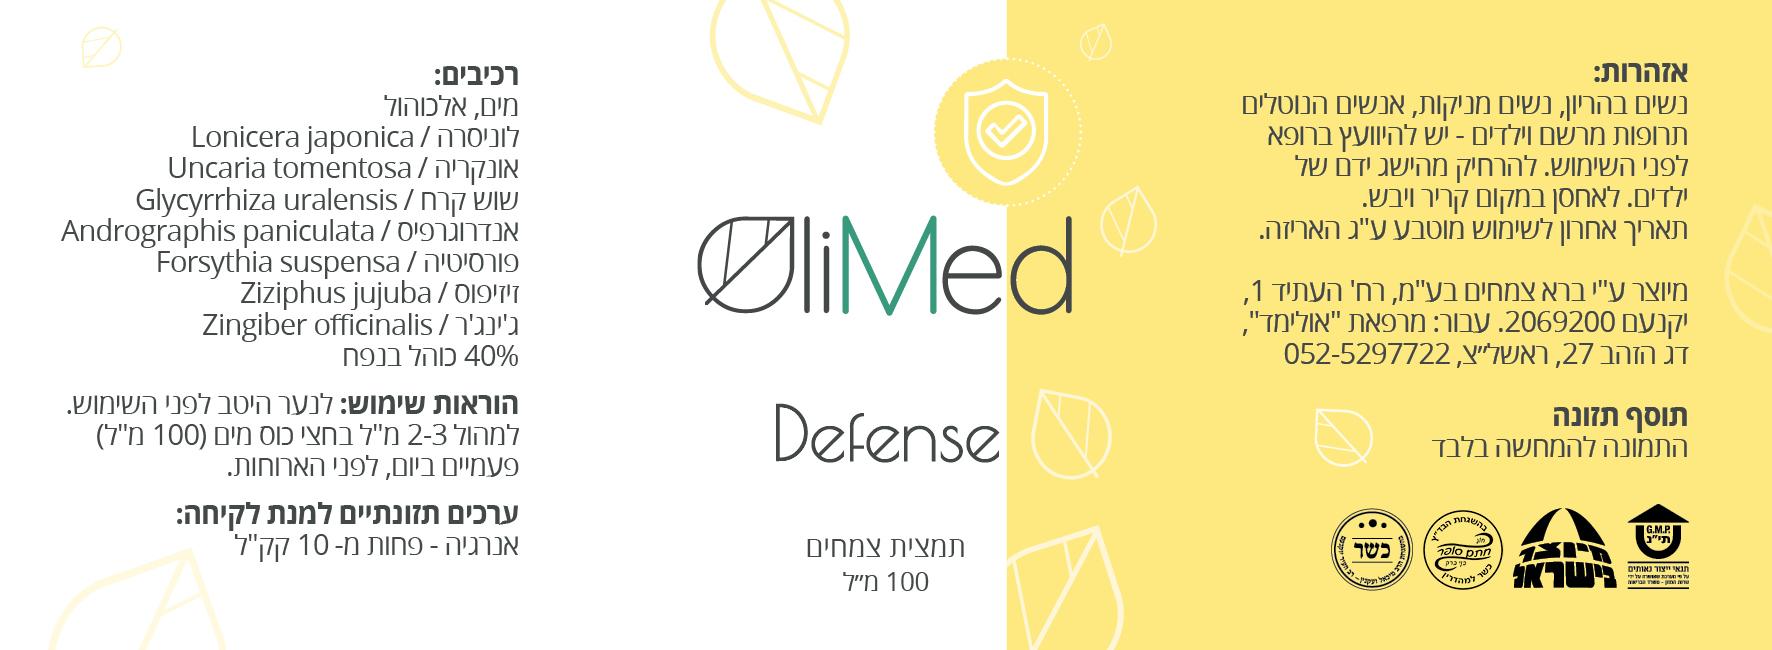 Olimed_Bottle11